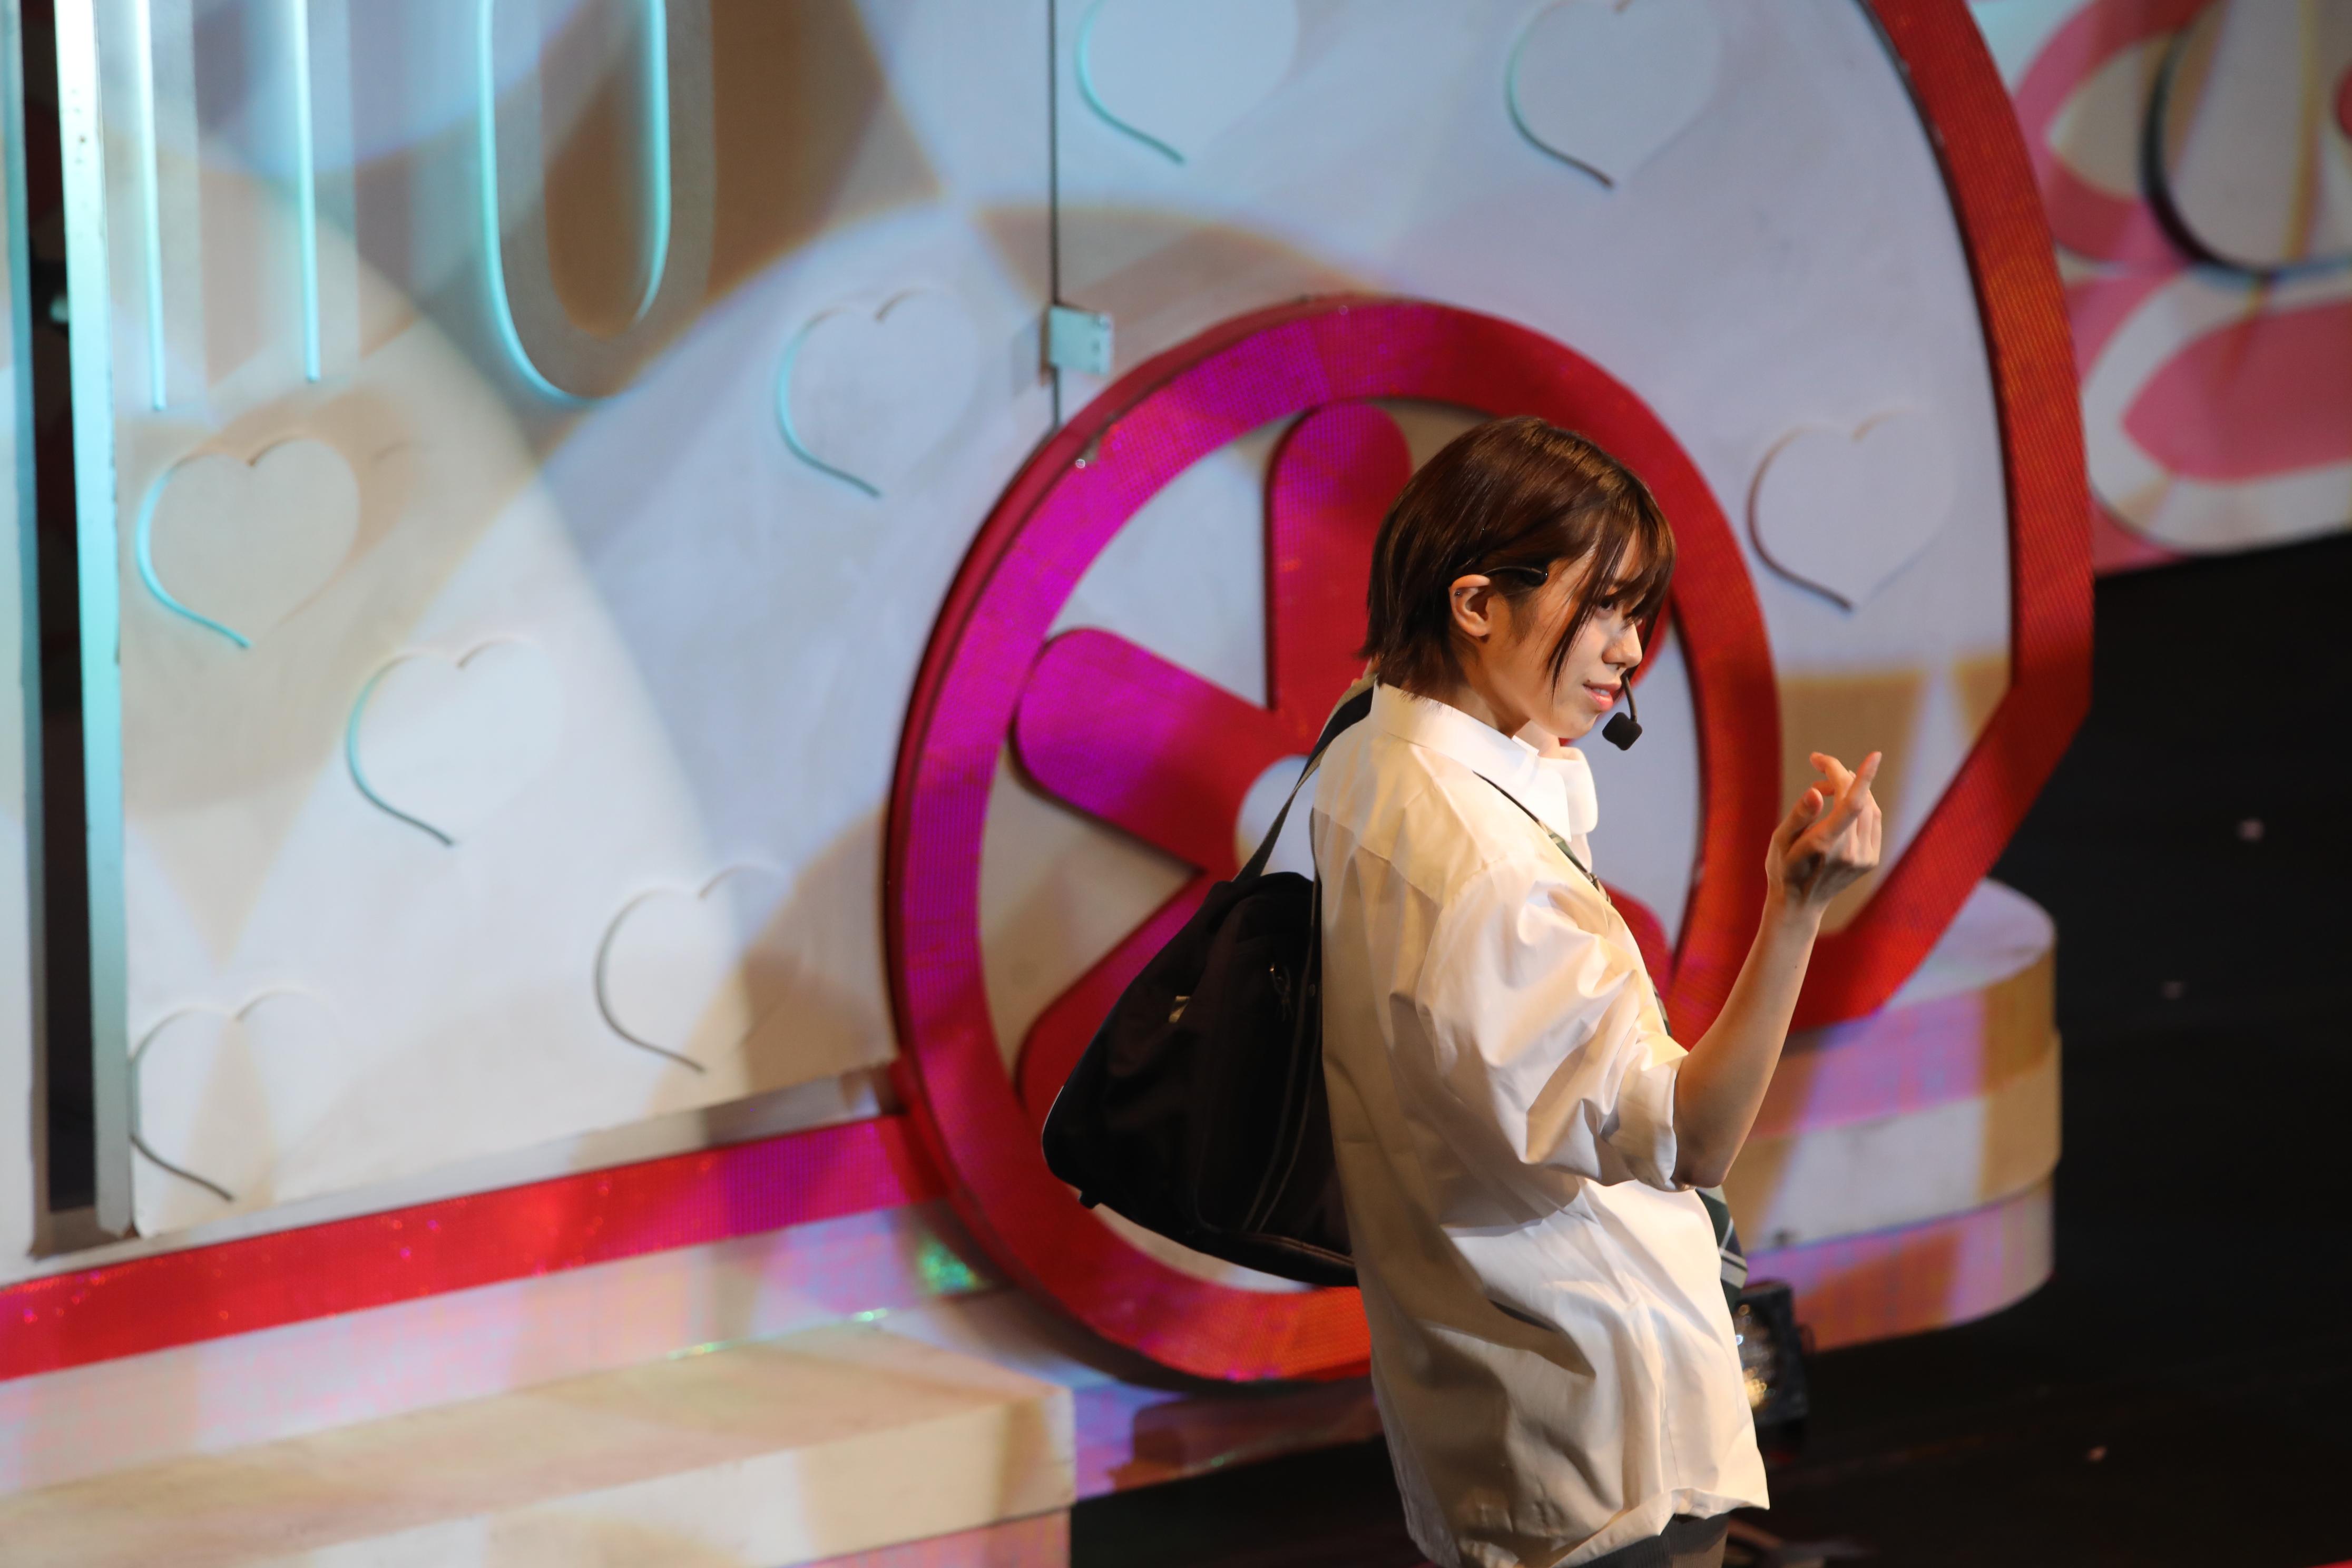 ミュージカル「20年桜」で男子高校生役を演じる大西桃香